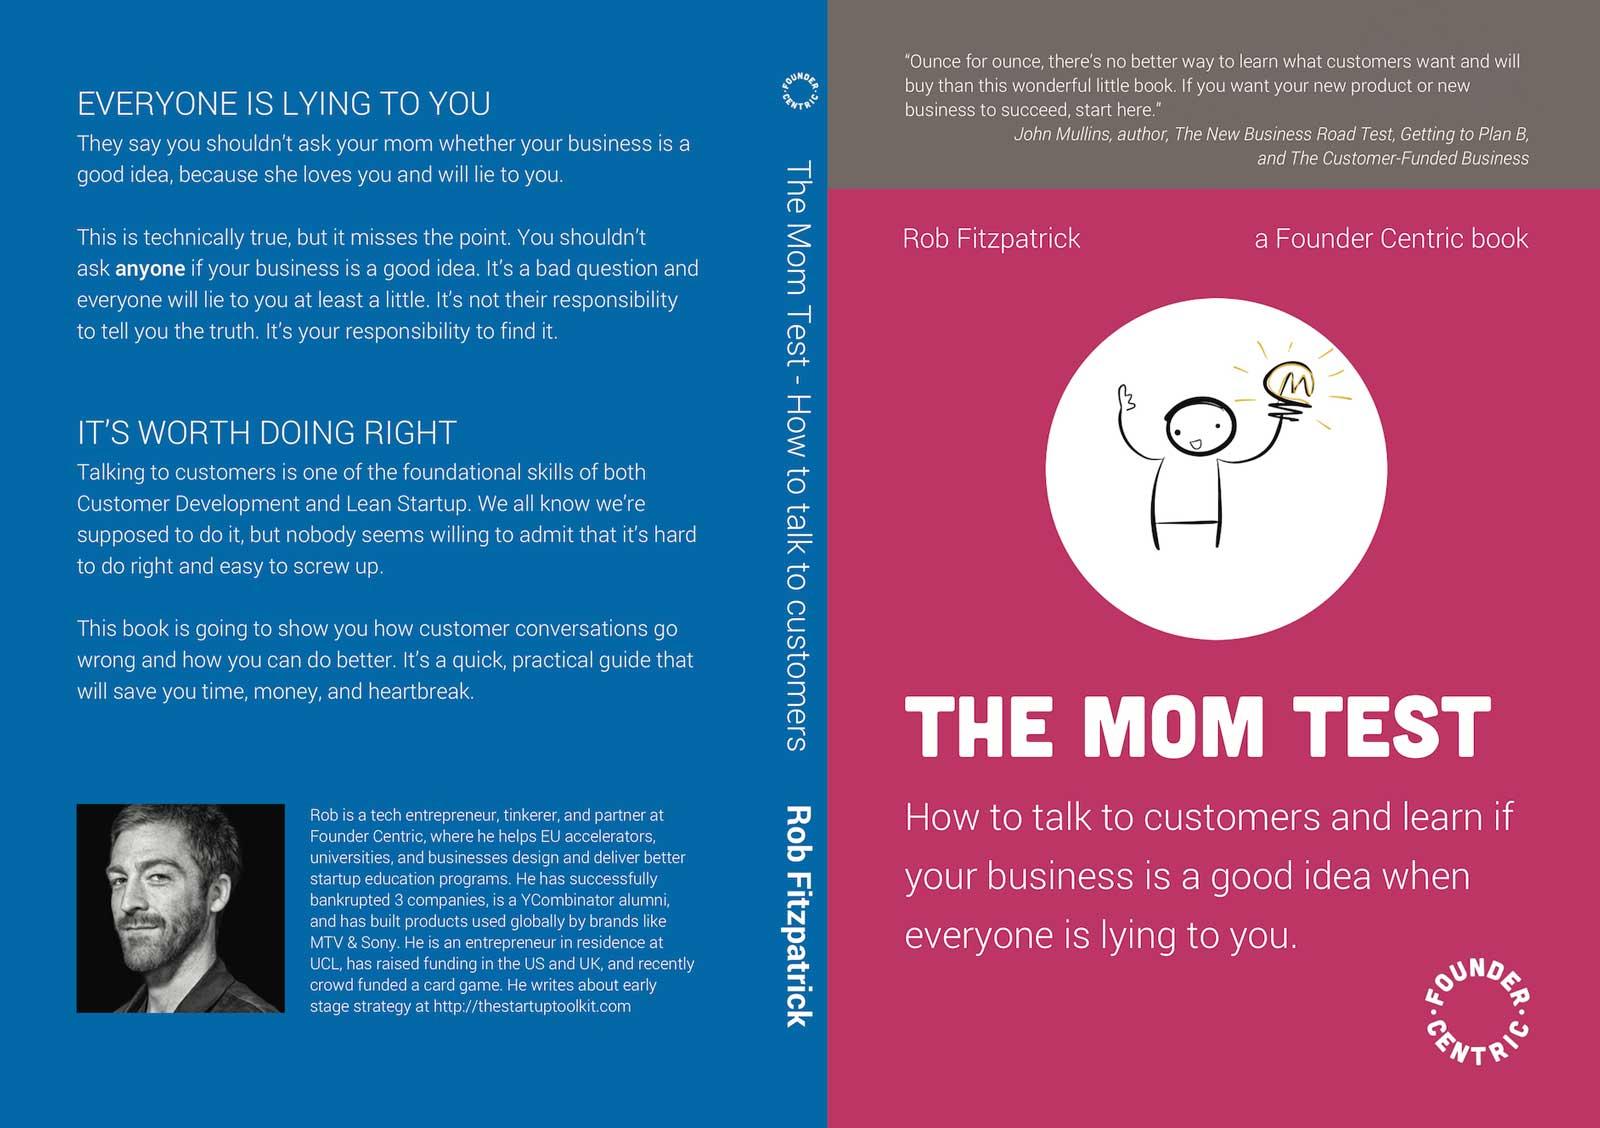 طرح روی جلد و پشت جلد کتاب The Mom Test